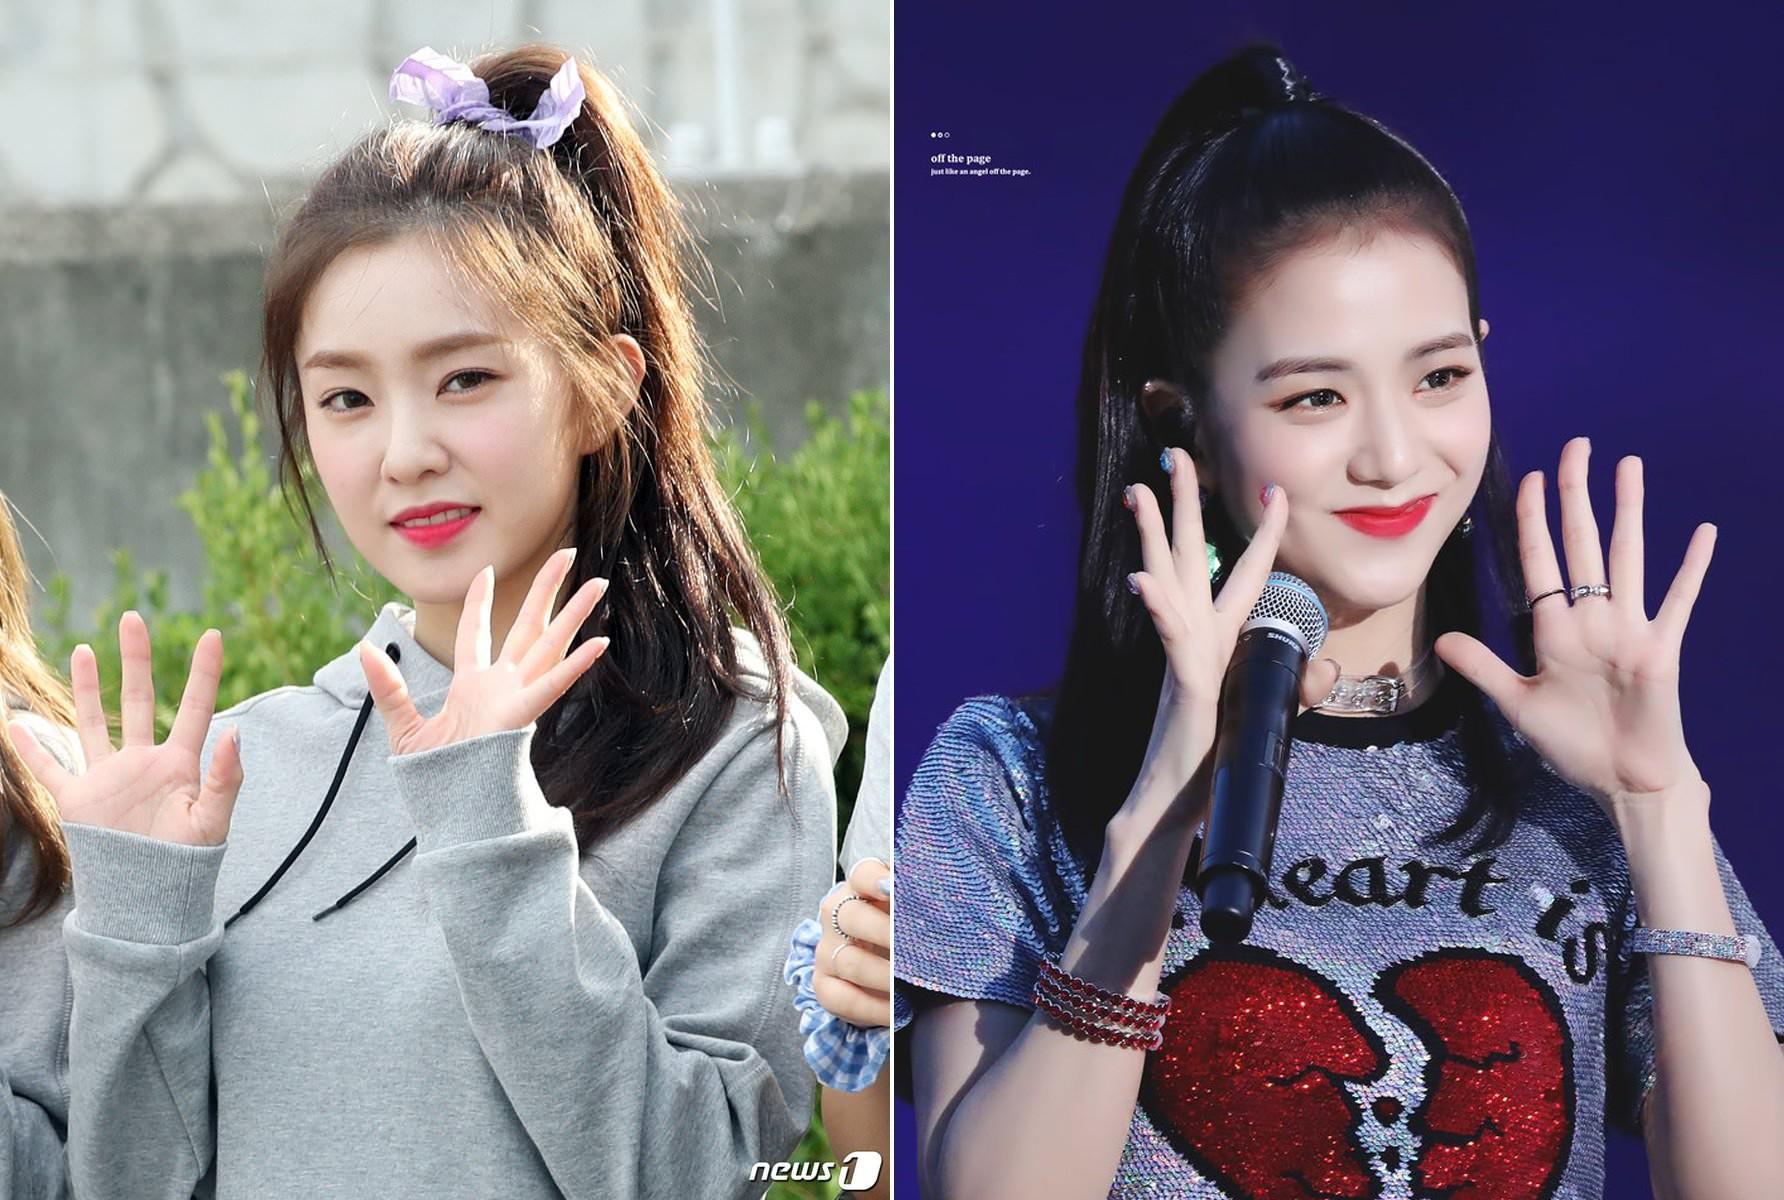 Bàn cân visual giữa Irene (Red Velvet) và Jisoo (Black Pink): makeup và làm tóc giống hệt, nhưng ai hơn ai? - Ảnh 7.